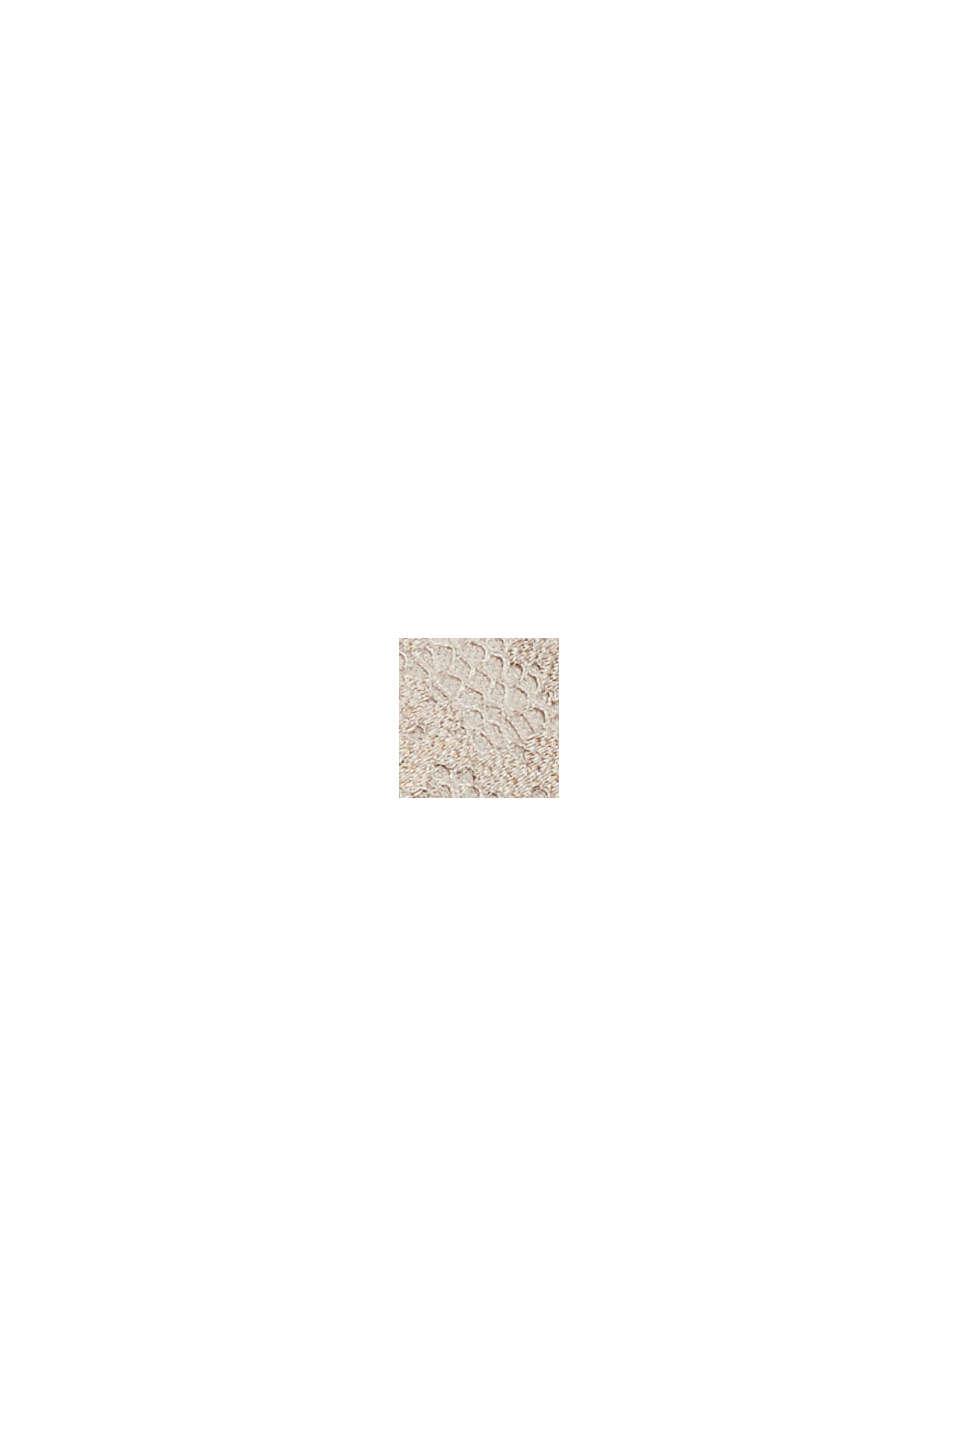 En matière recyclée: SG ouatiné orné de dentelle, LIGHT TAUPE, swatch